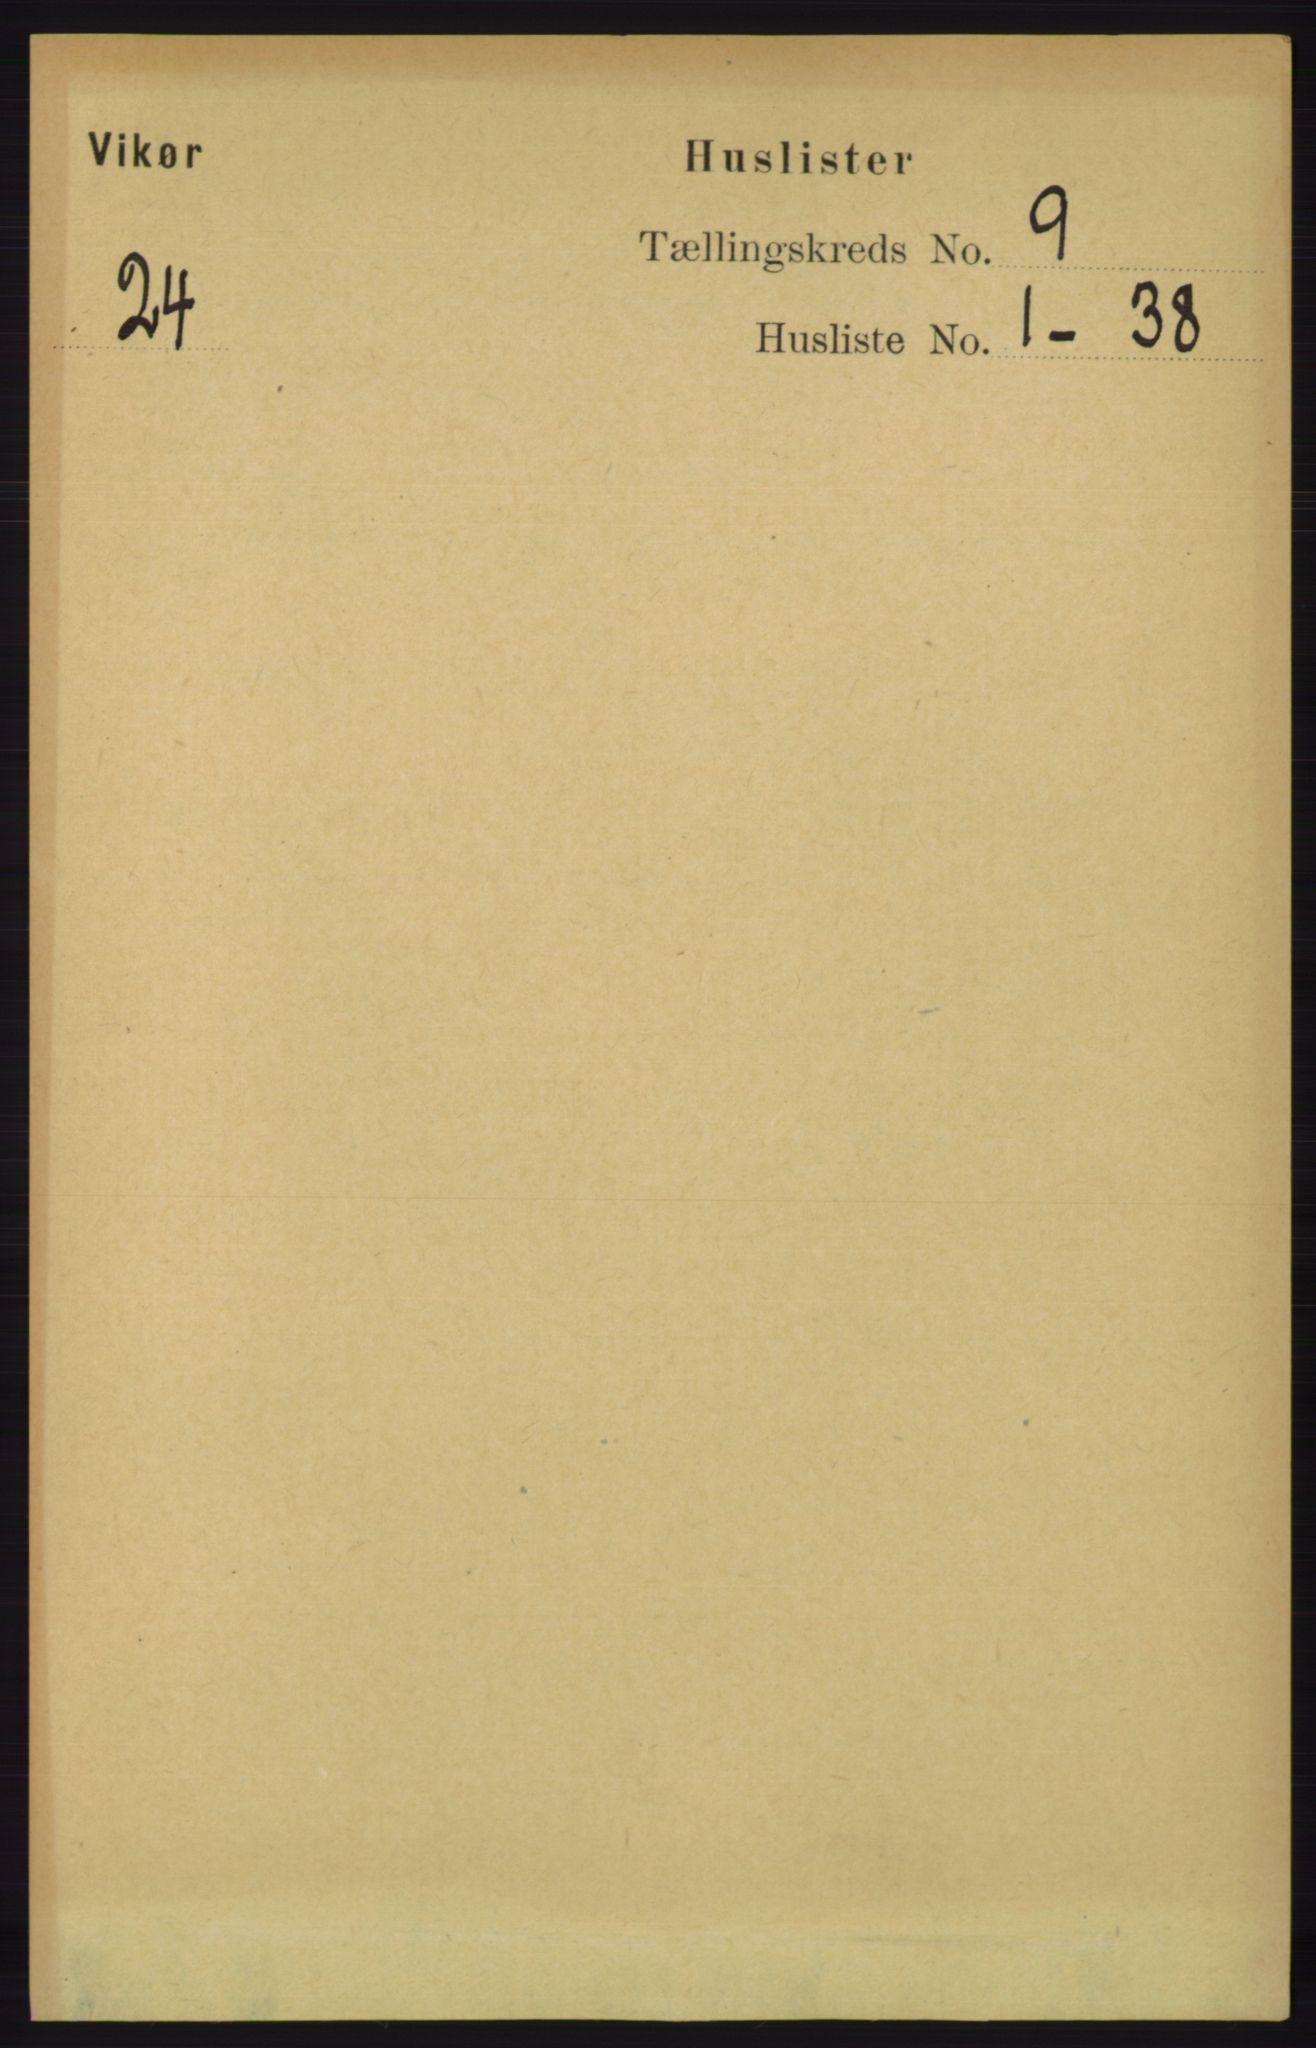 RA, Folketelling 1891 for 1238 Vikør herred, 1891, s. 2619